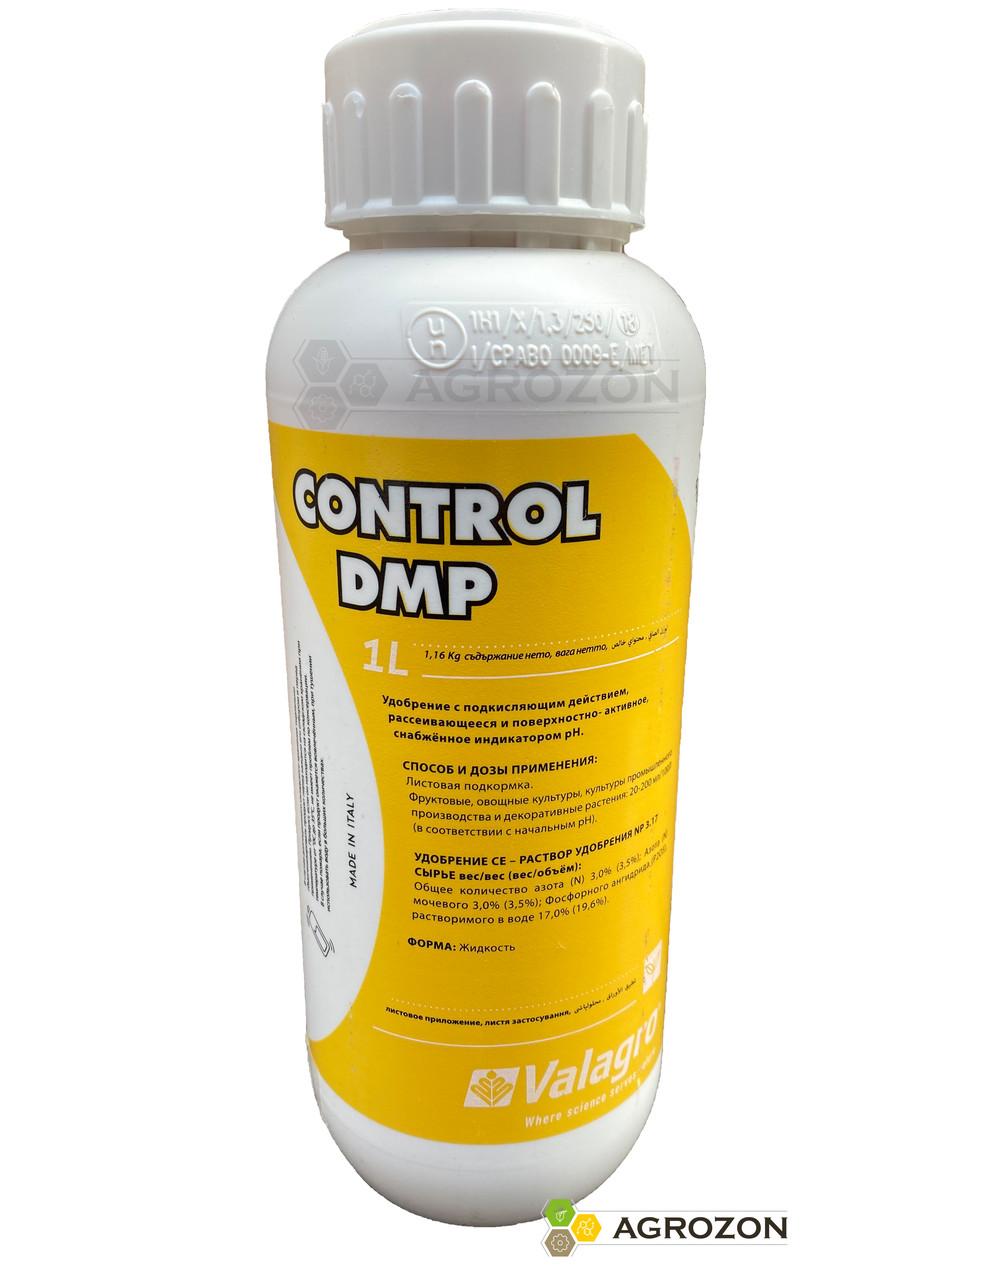 Подкисляющее удобрение Контрол ДМП (Control DMP) Valagro - 1 л